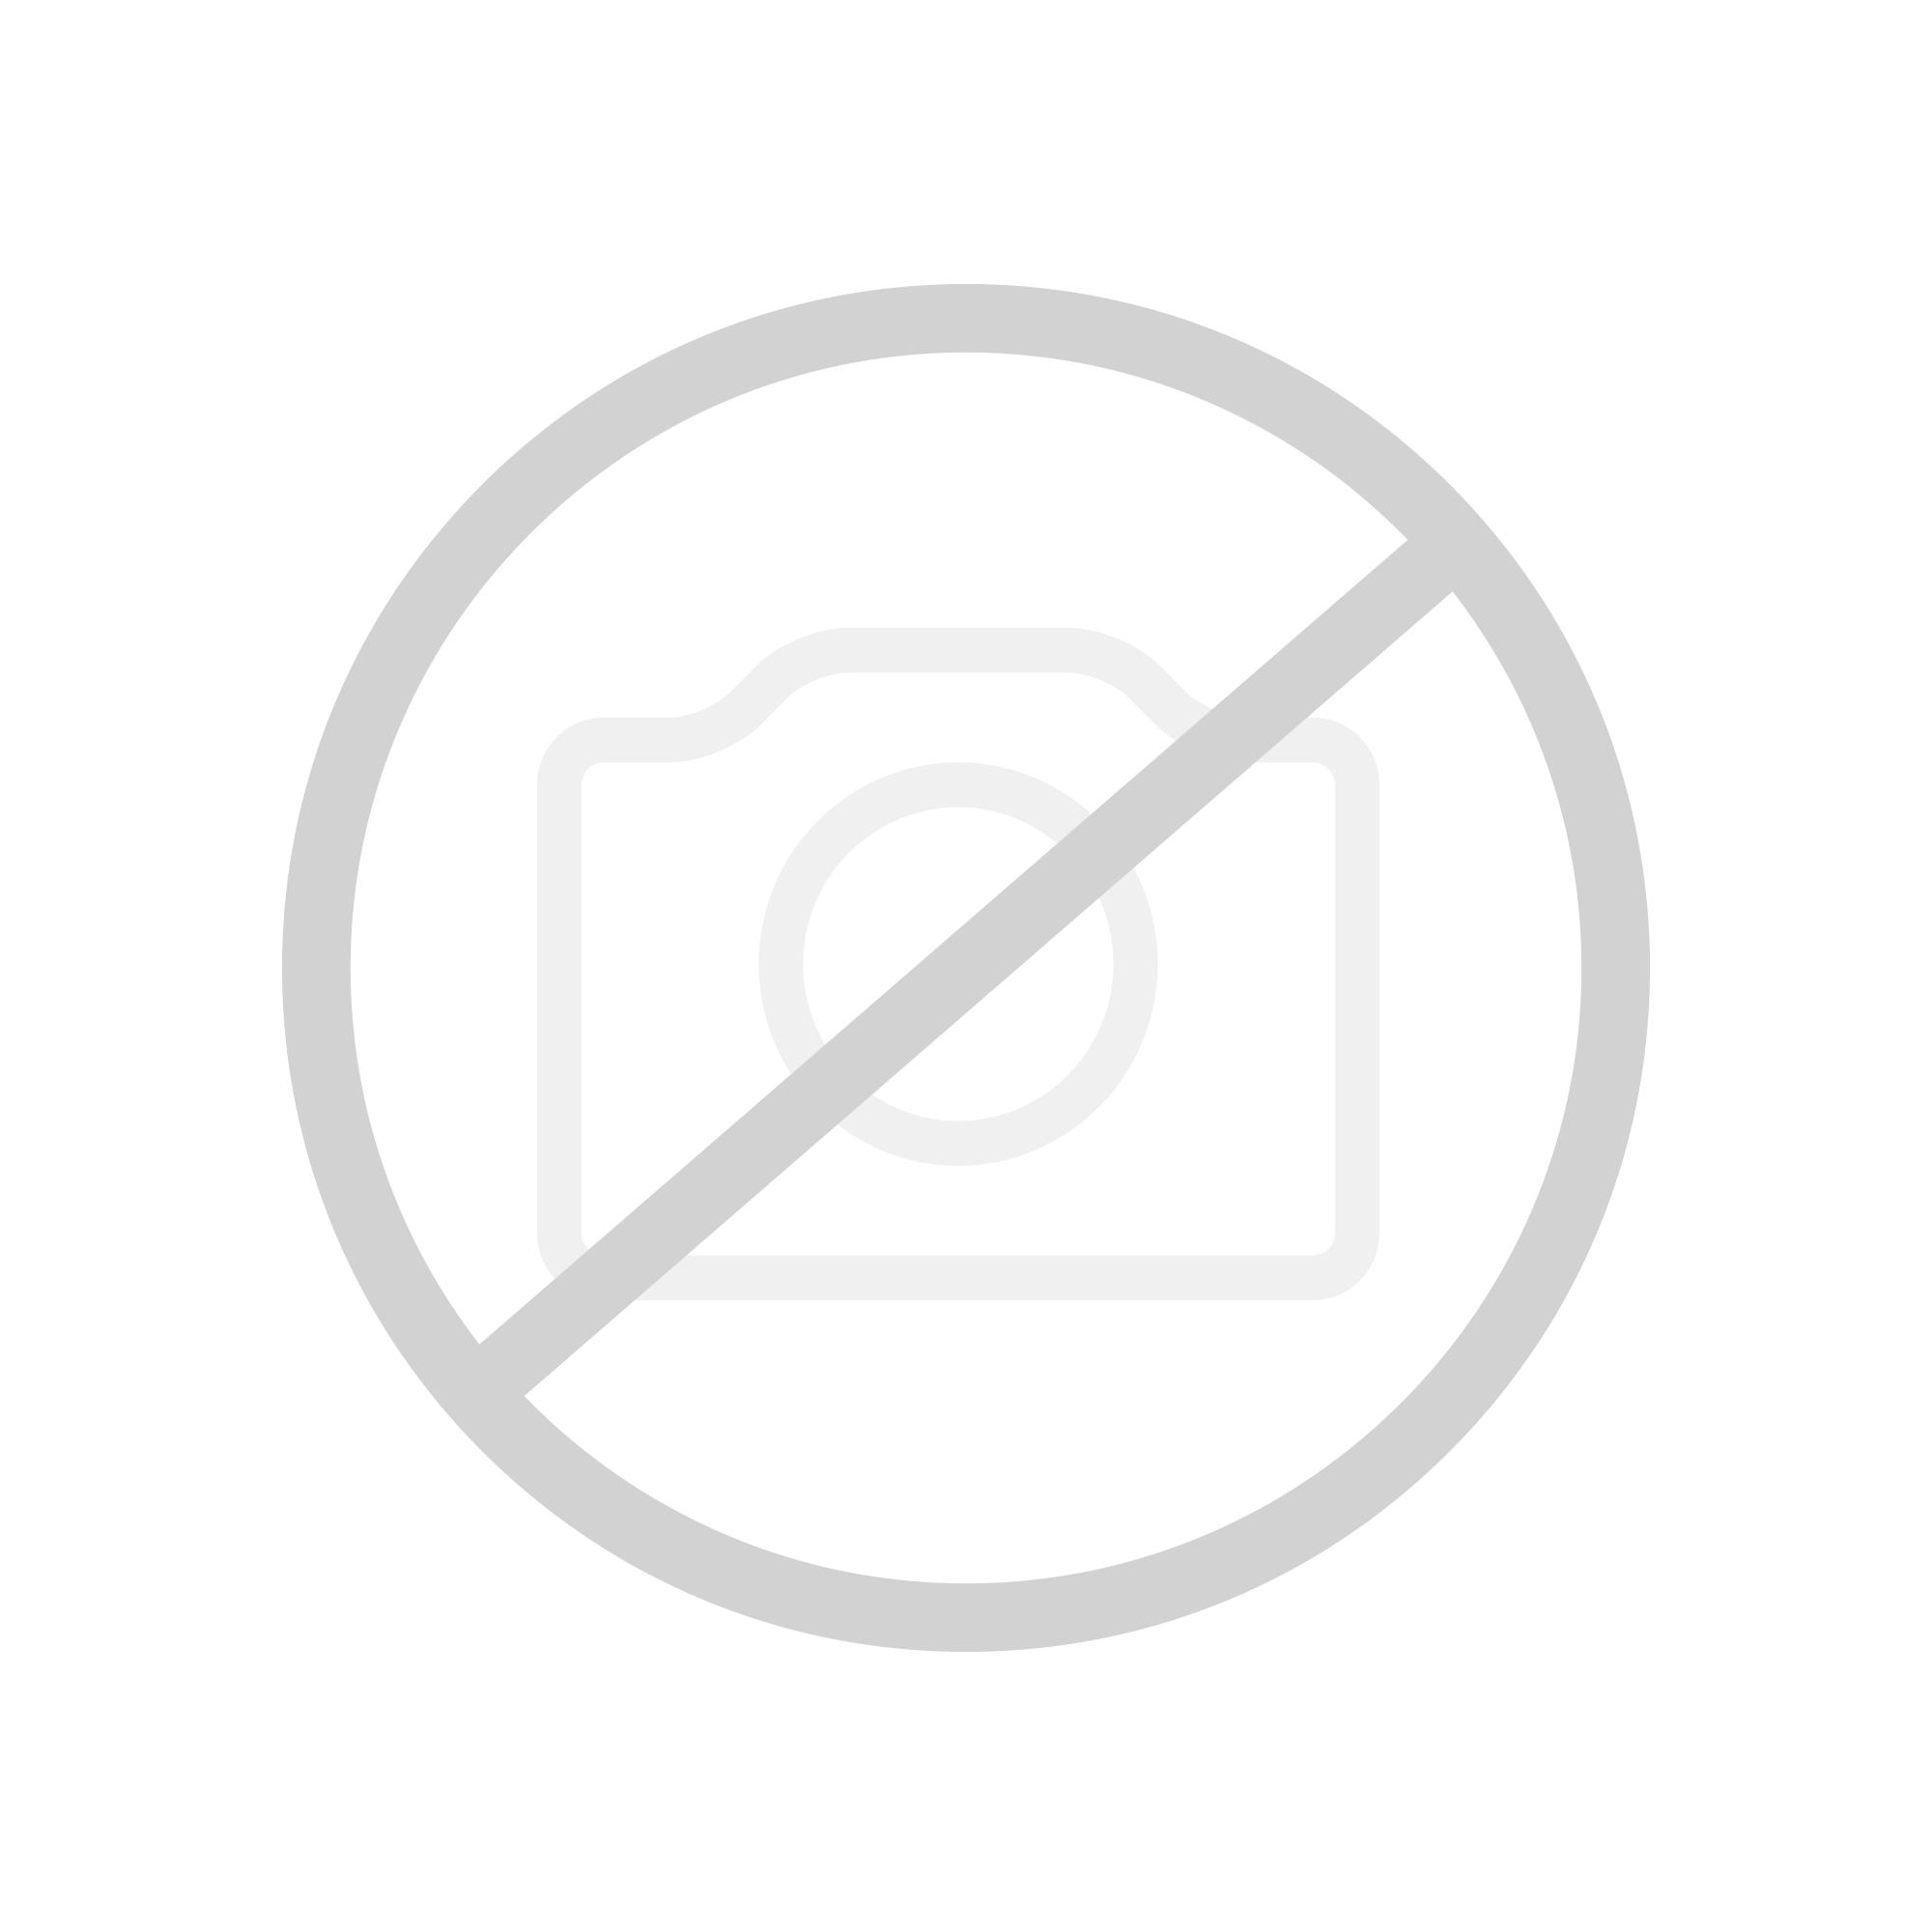 Waschbecken küche stein  Küchendesign: Spülbecken und ihre Einbauarten | REUTER Magazin